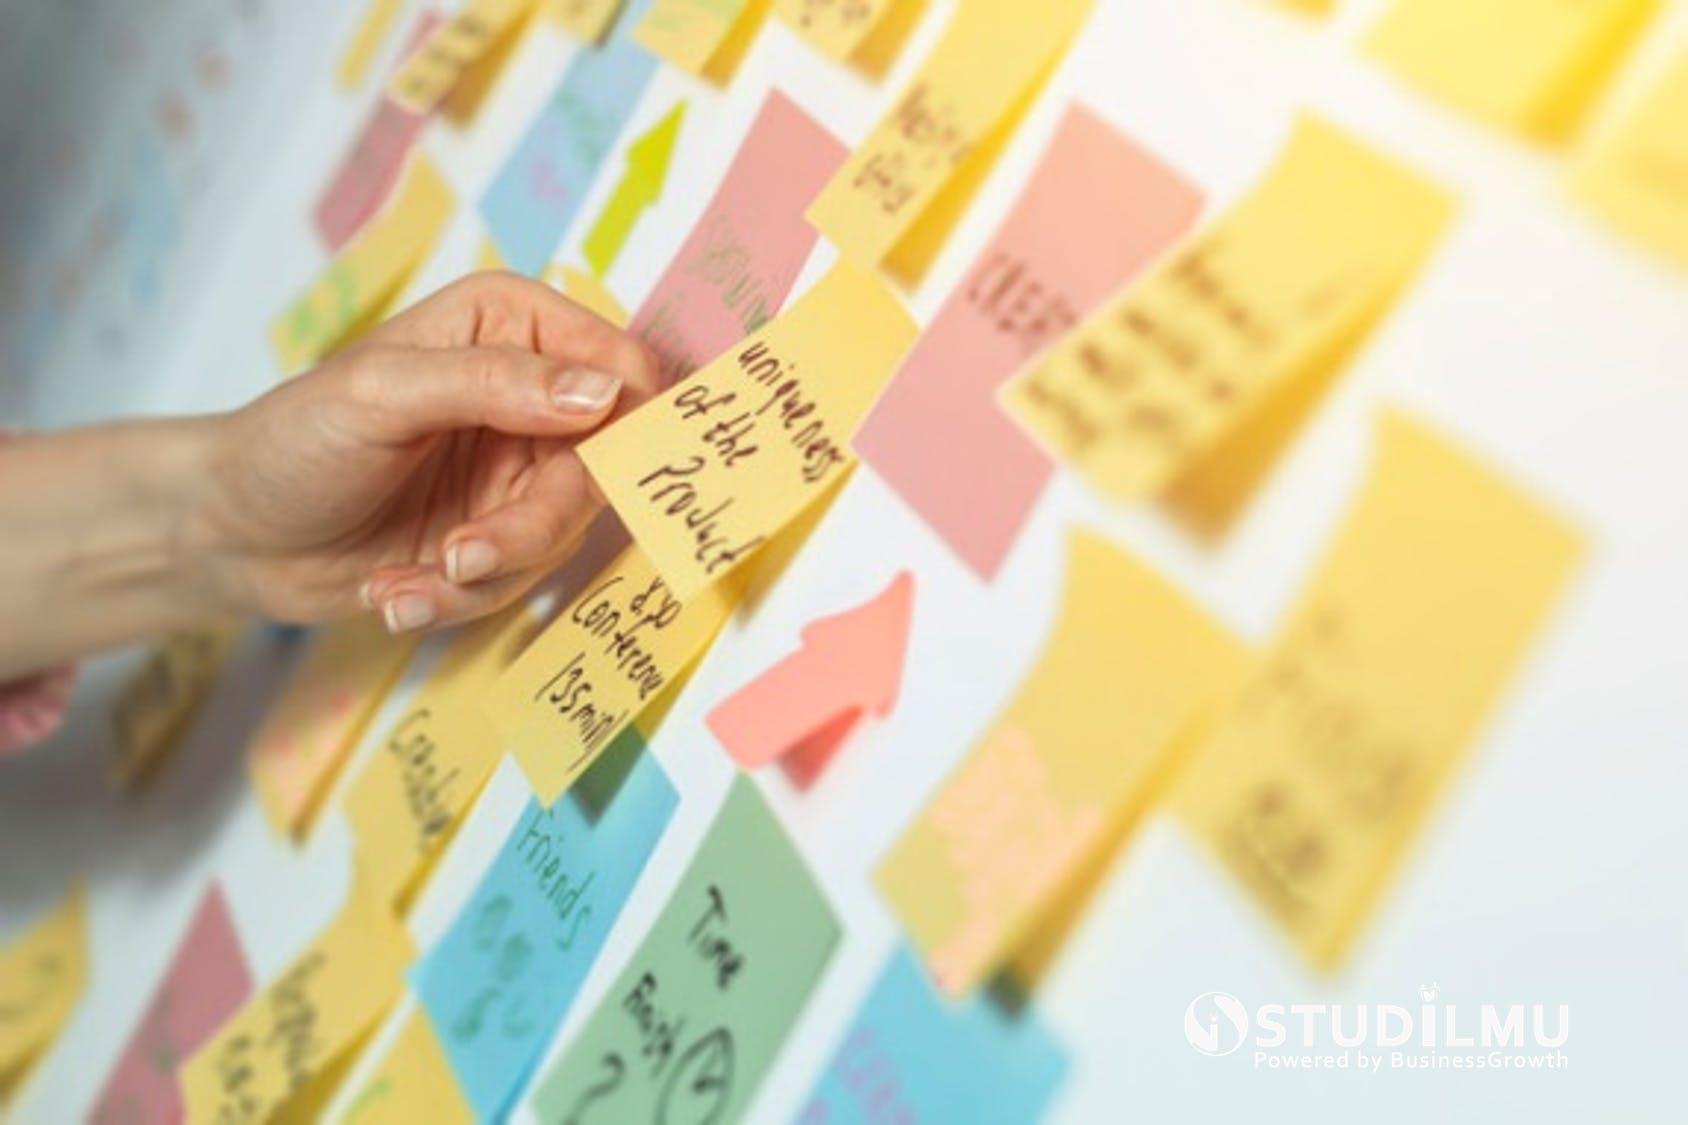 STUDILMU Career Advice - Seni Memfasilitasi Rapat Kerja dengan Post-it Kecil